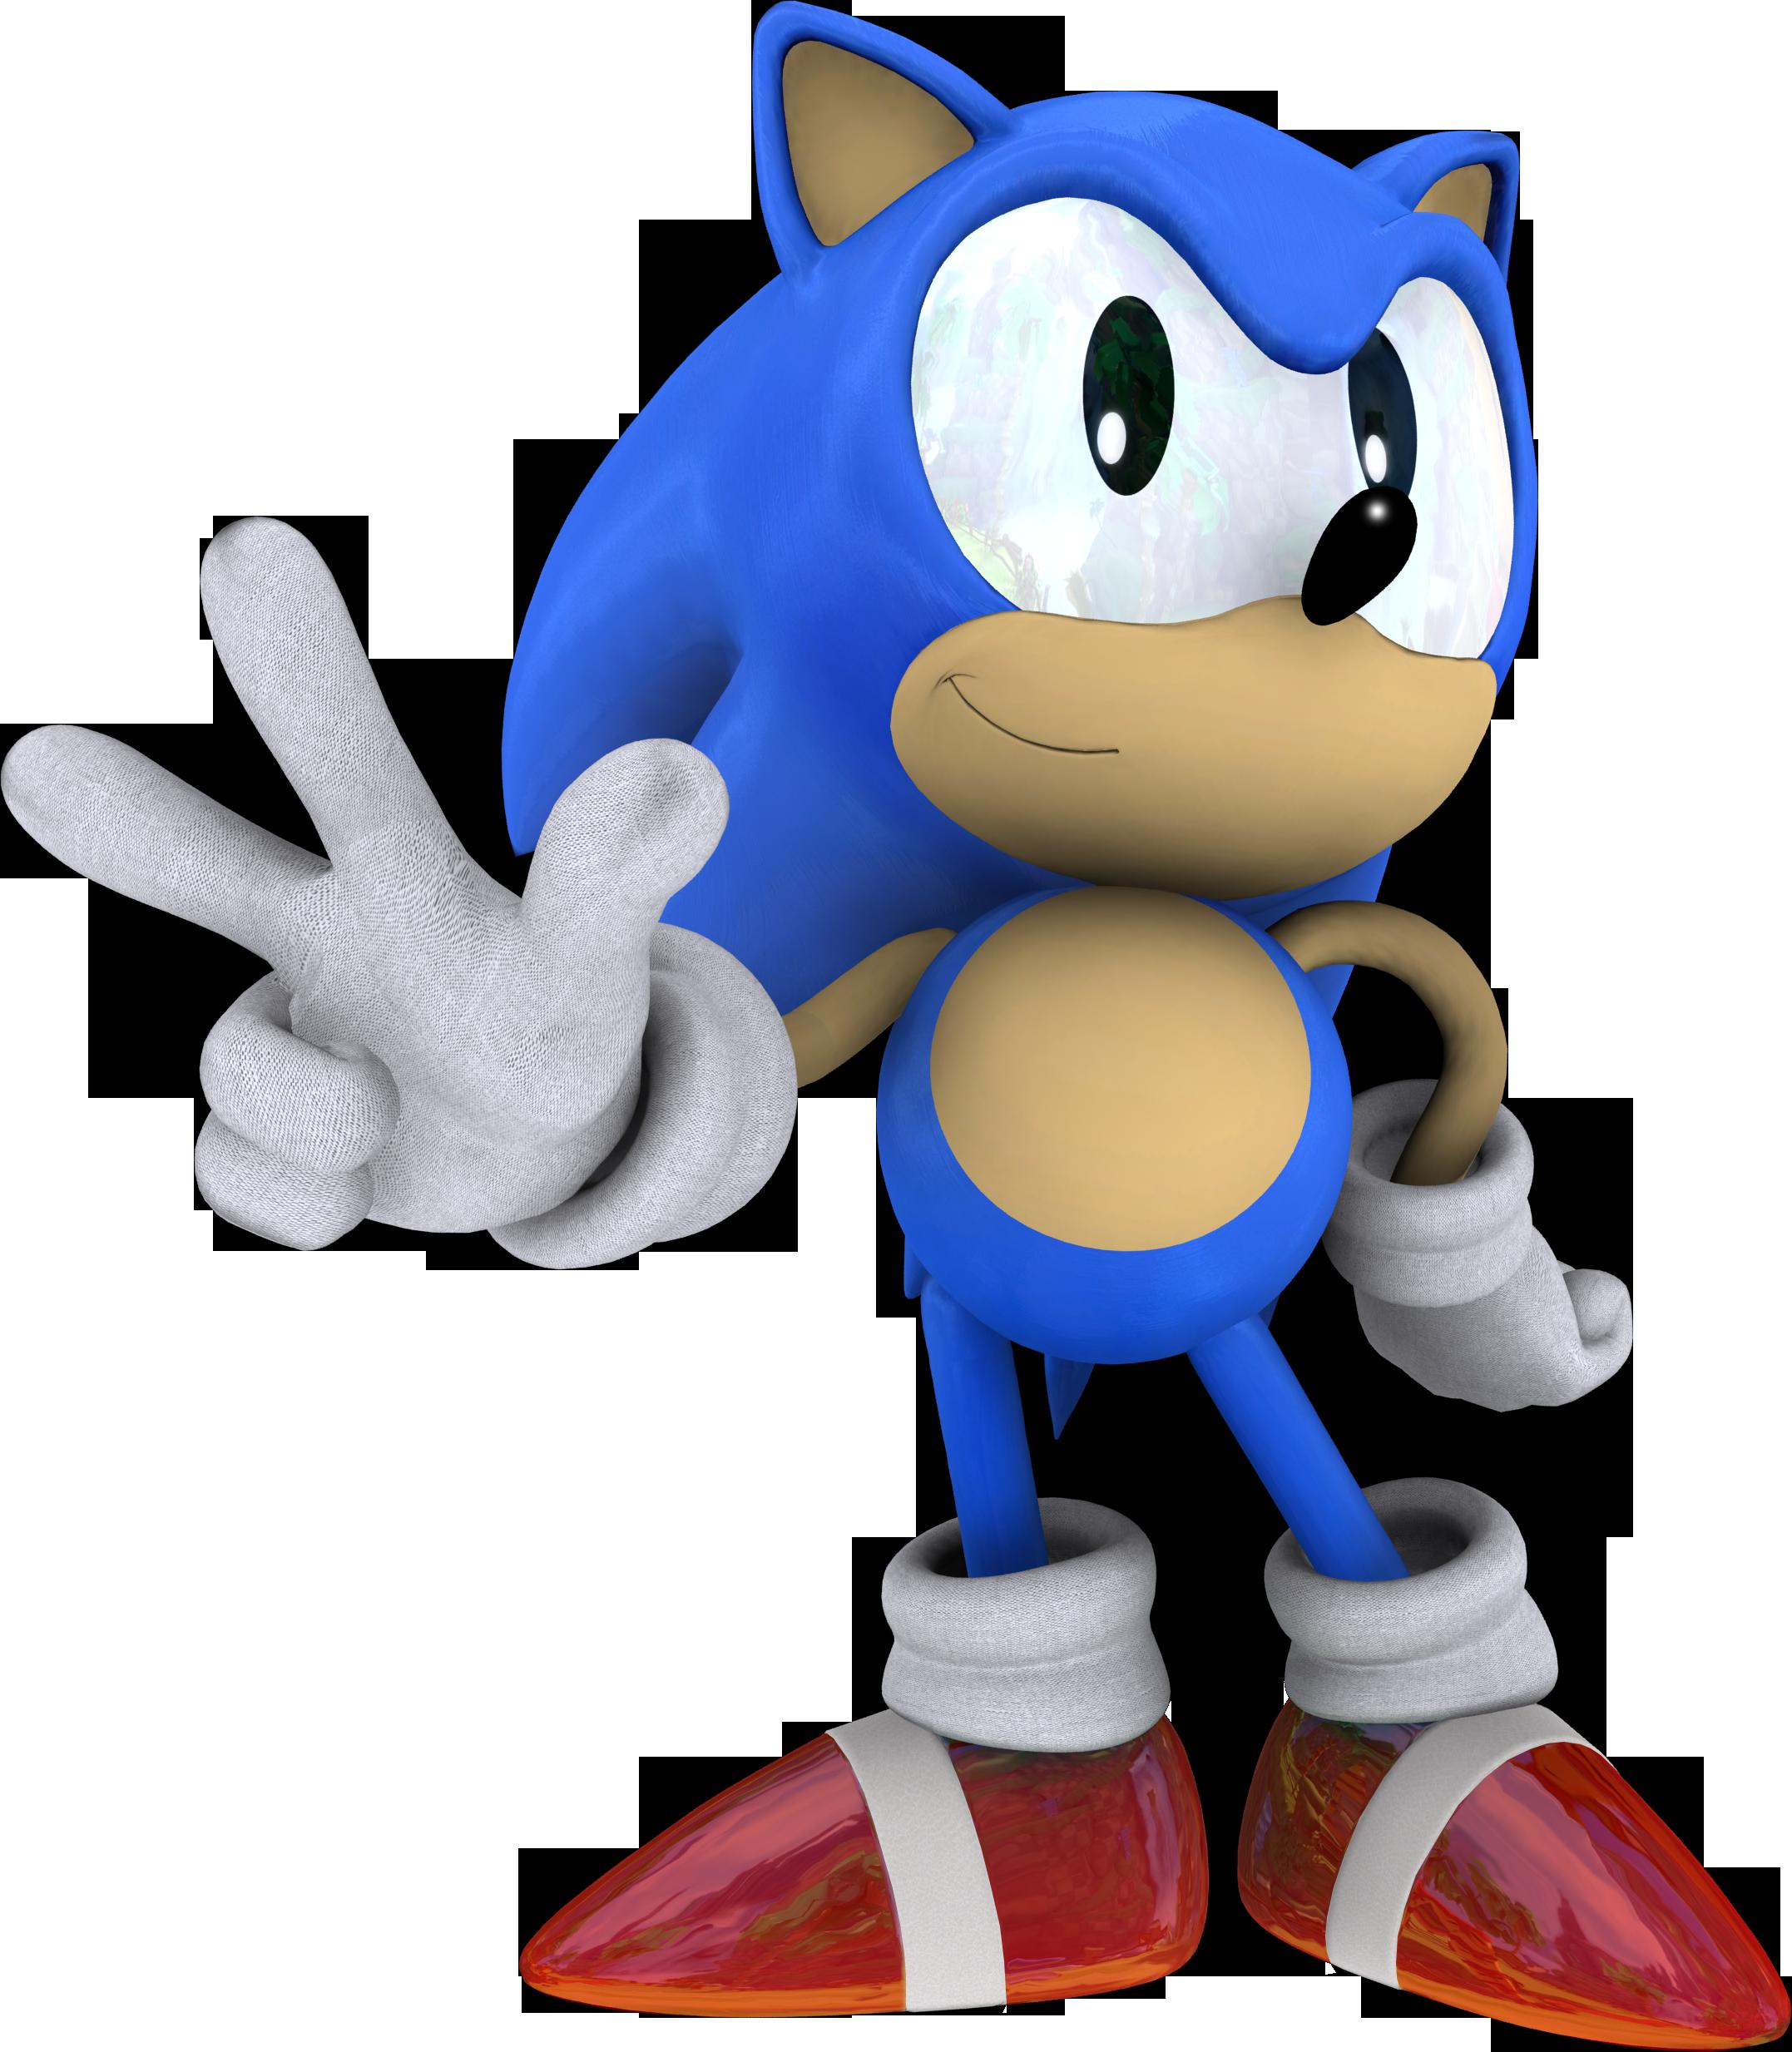 Classic Sonic the Hedgehog (Sonic 3) by itsHelias94